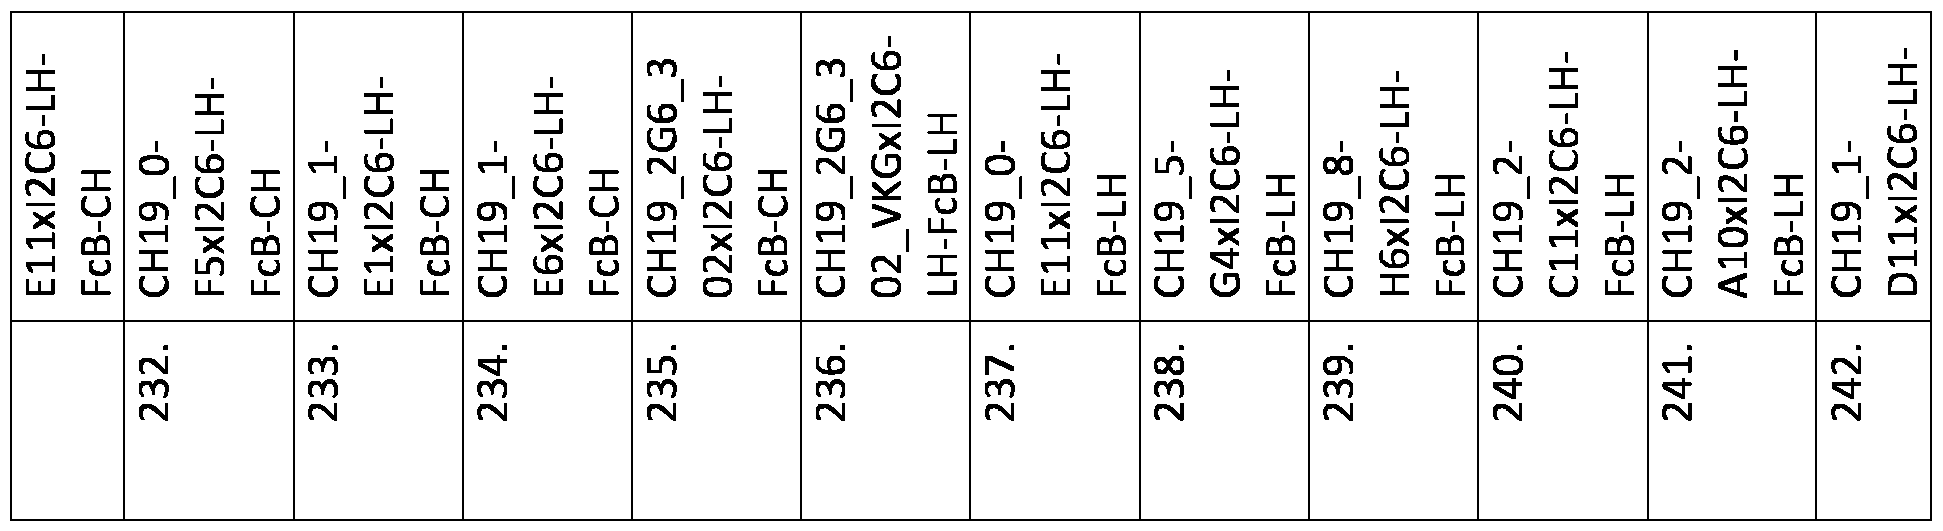 Figure imgf000094_0003